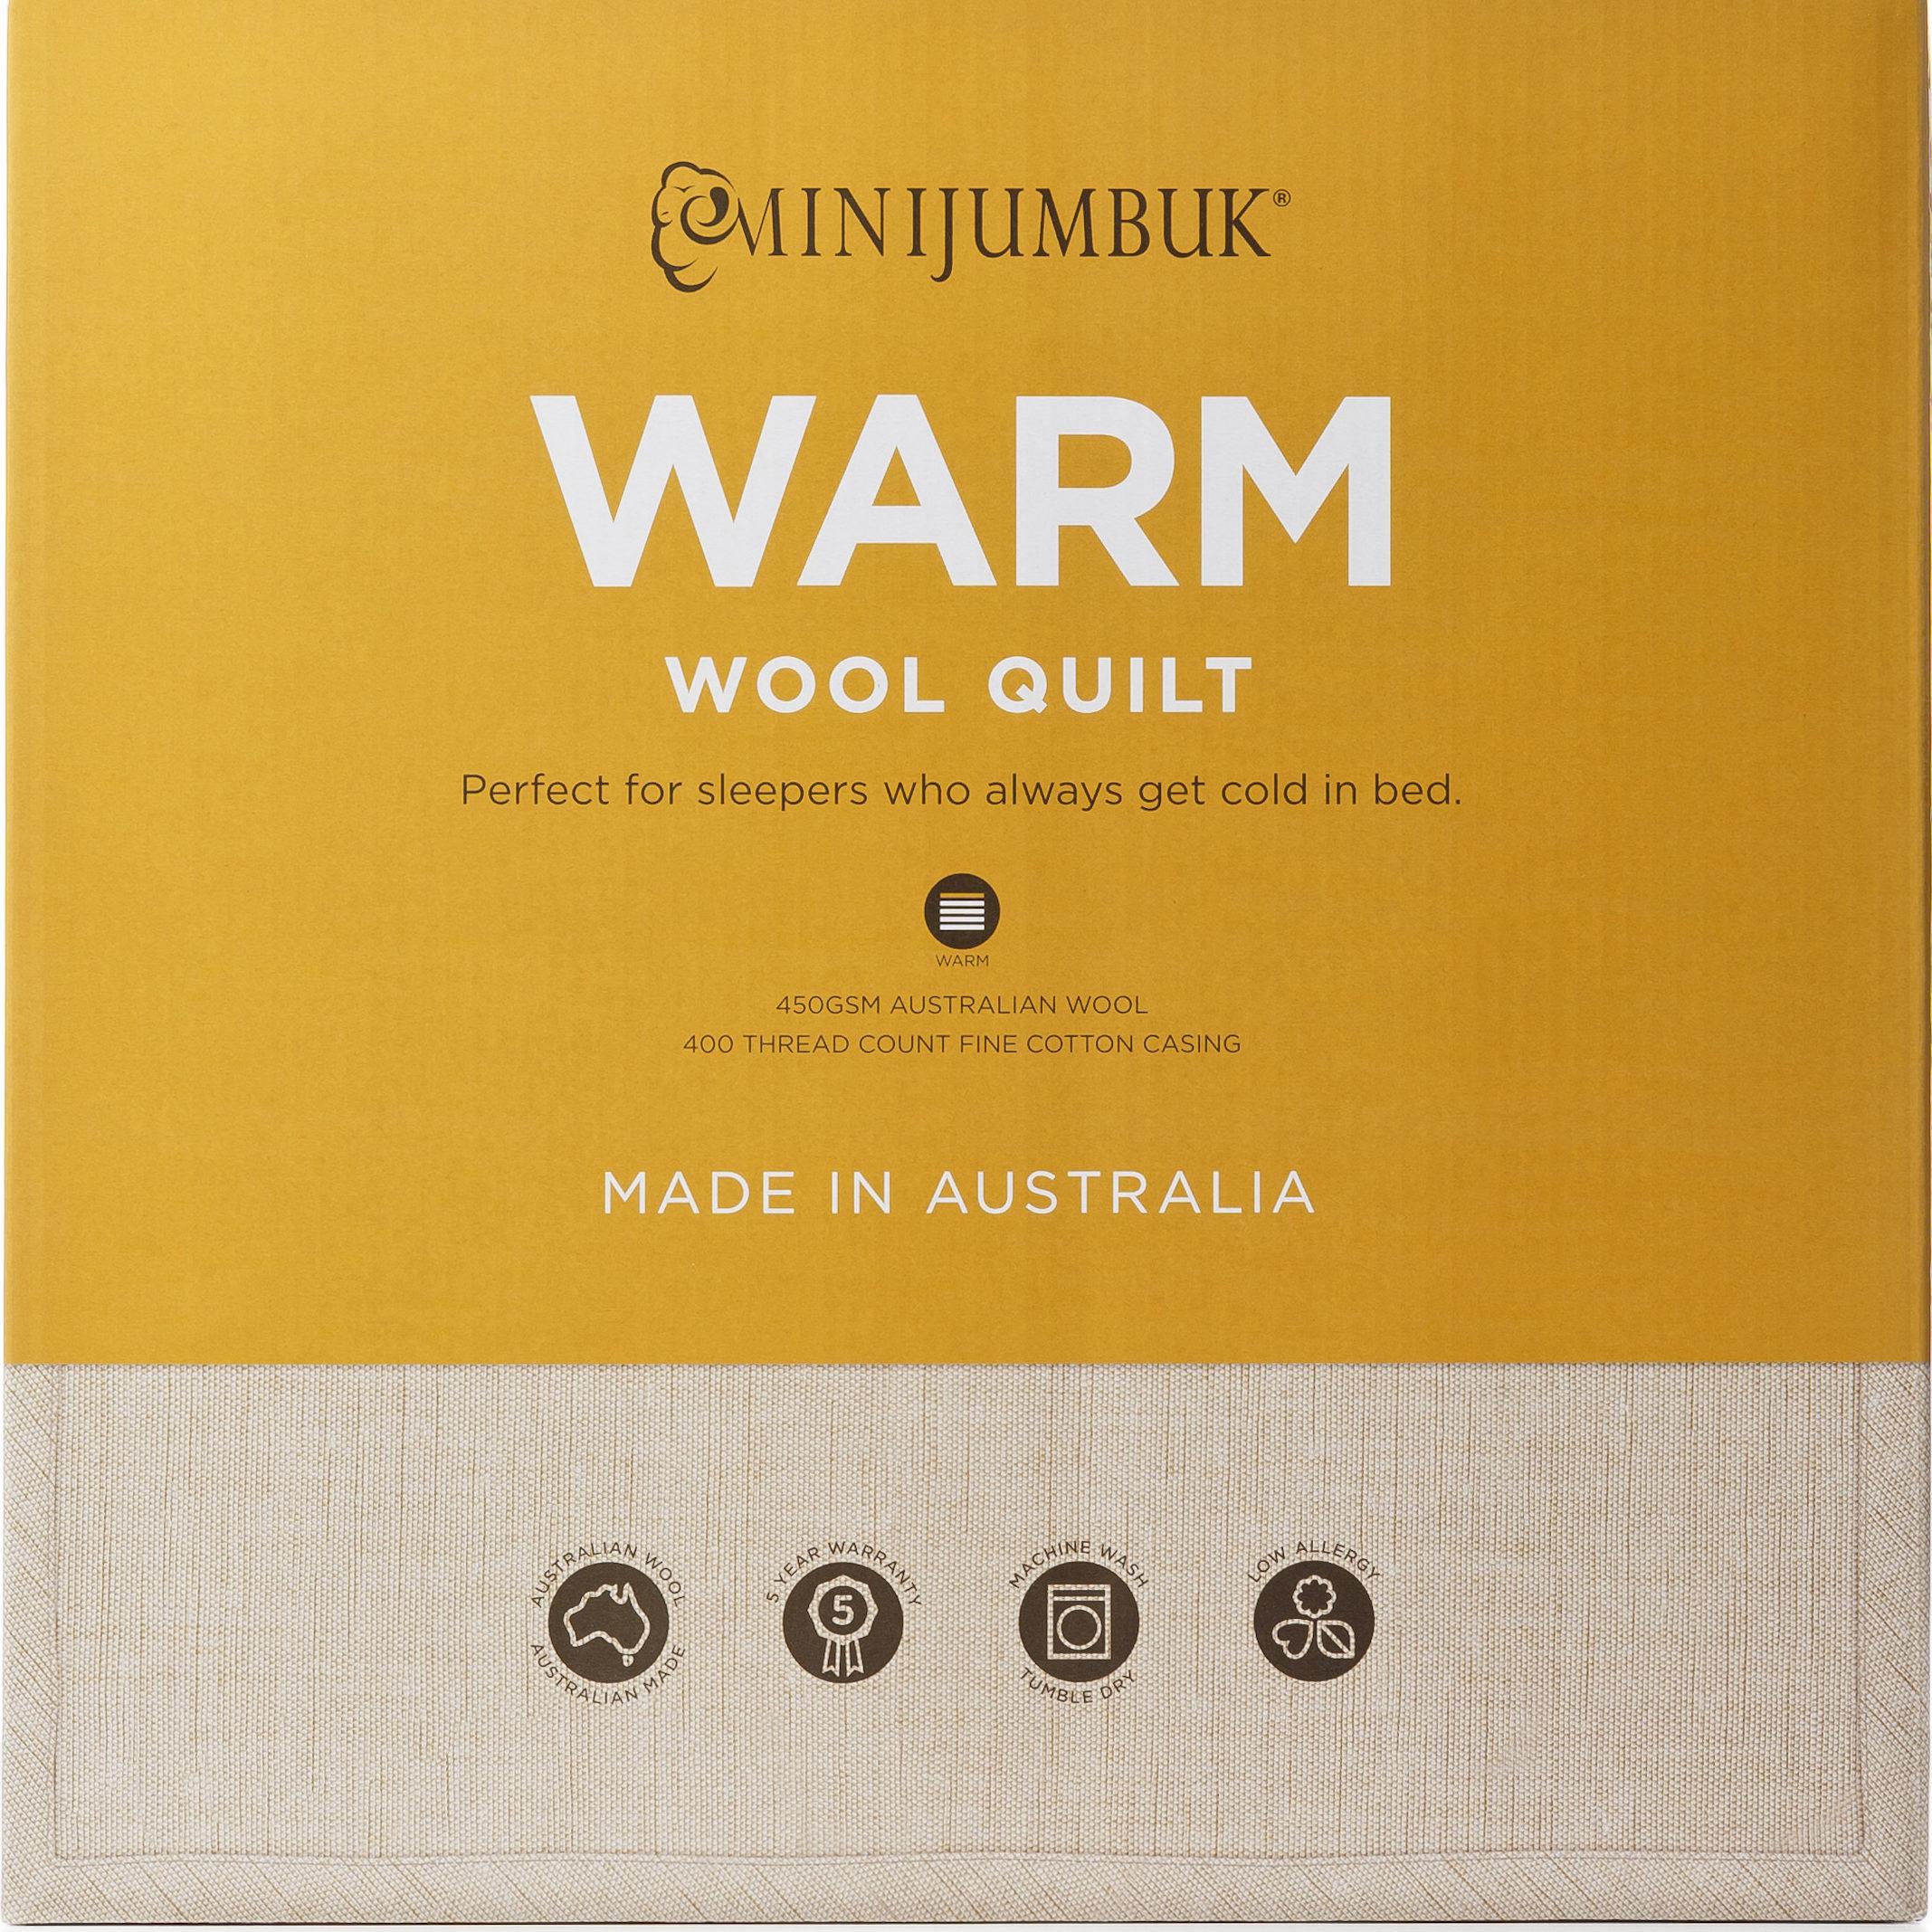 MiniJumbuk – Warm Wool Quilt